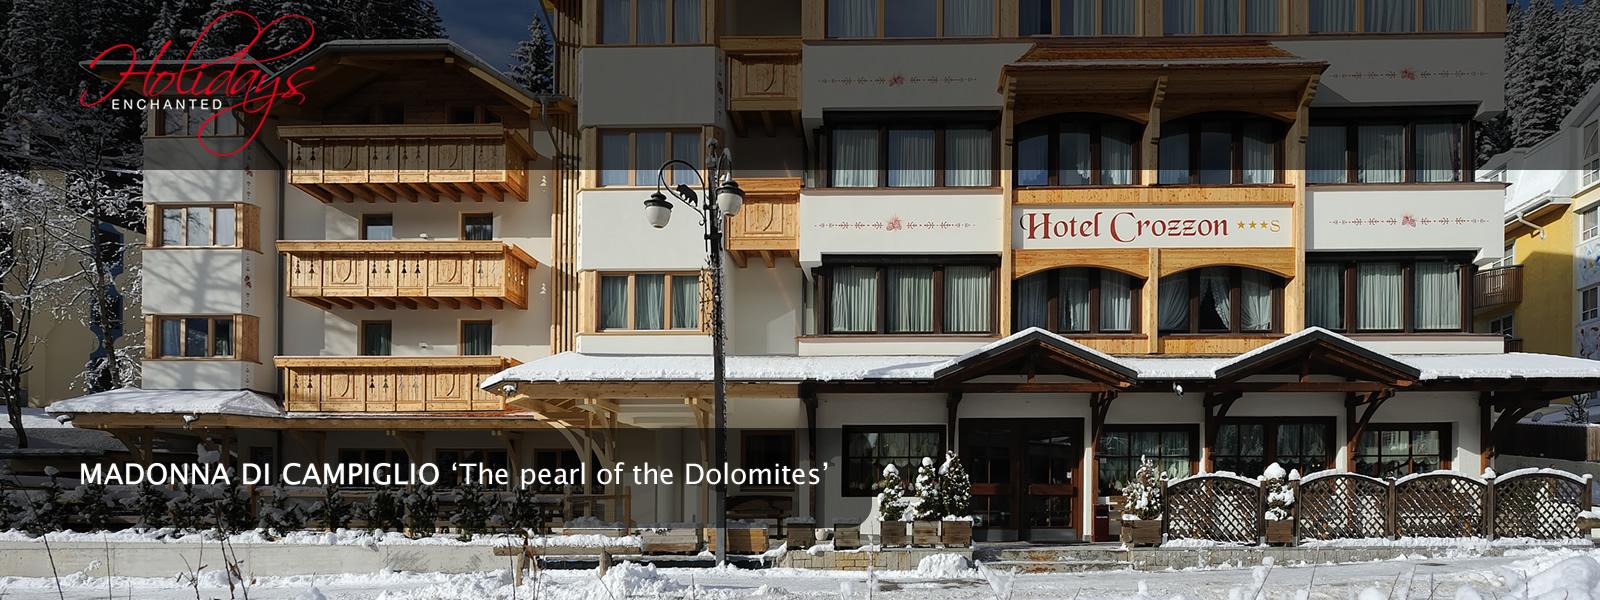 Hotel Crozzon, Madonna di Campiglio